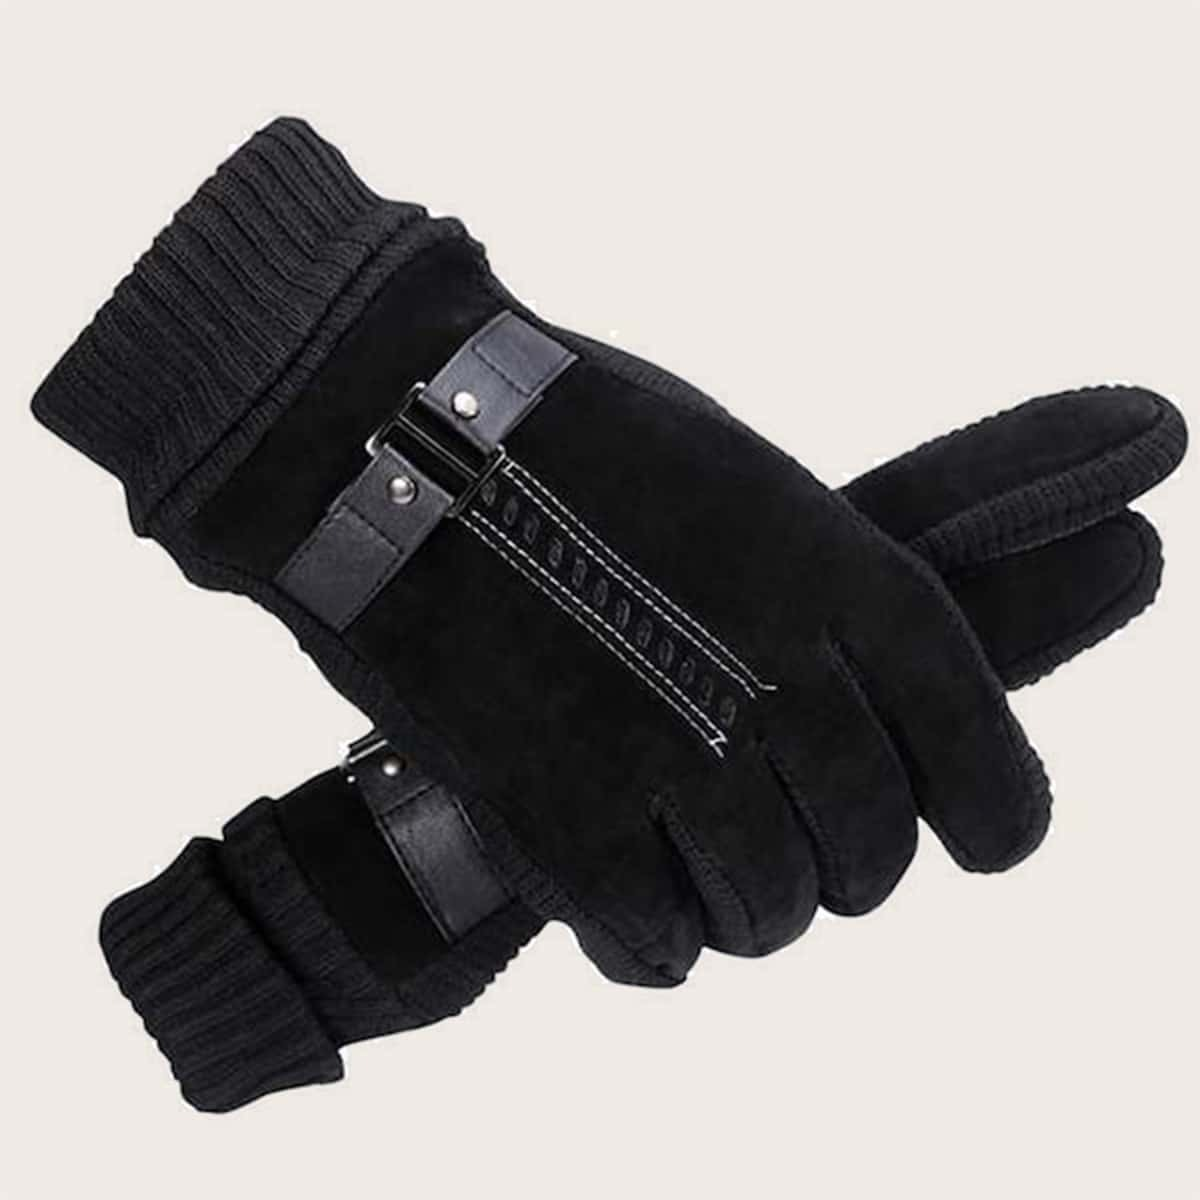 Mannen Gebreide Handschoenen met Contrasterende Details 1paar